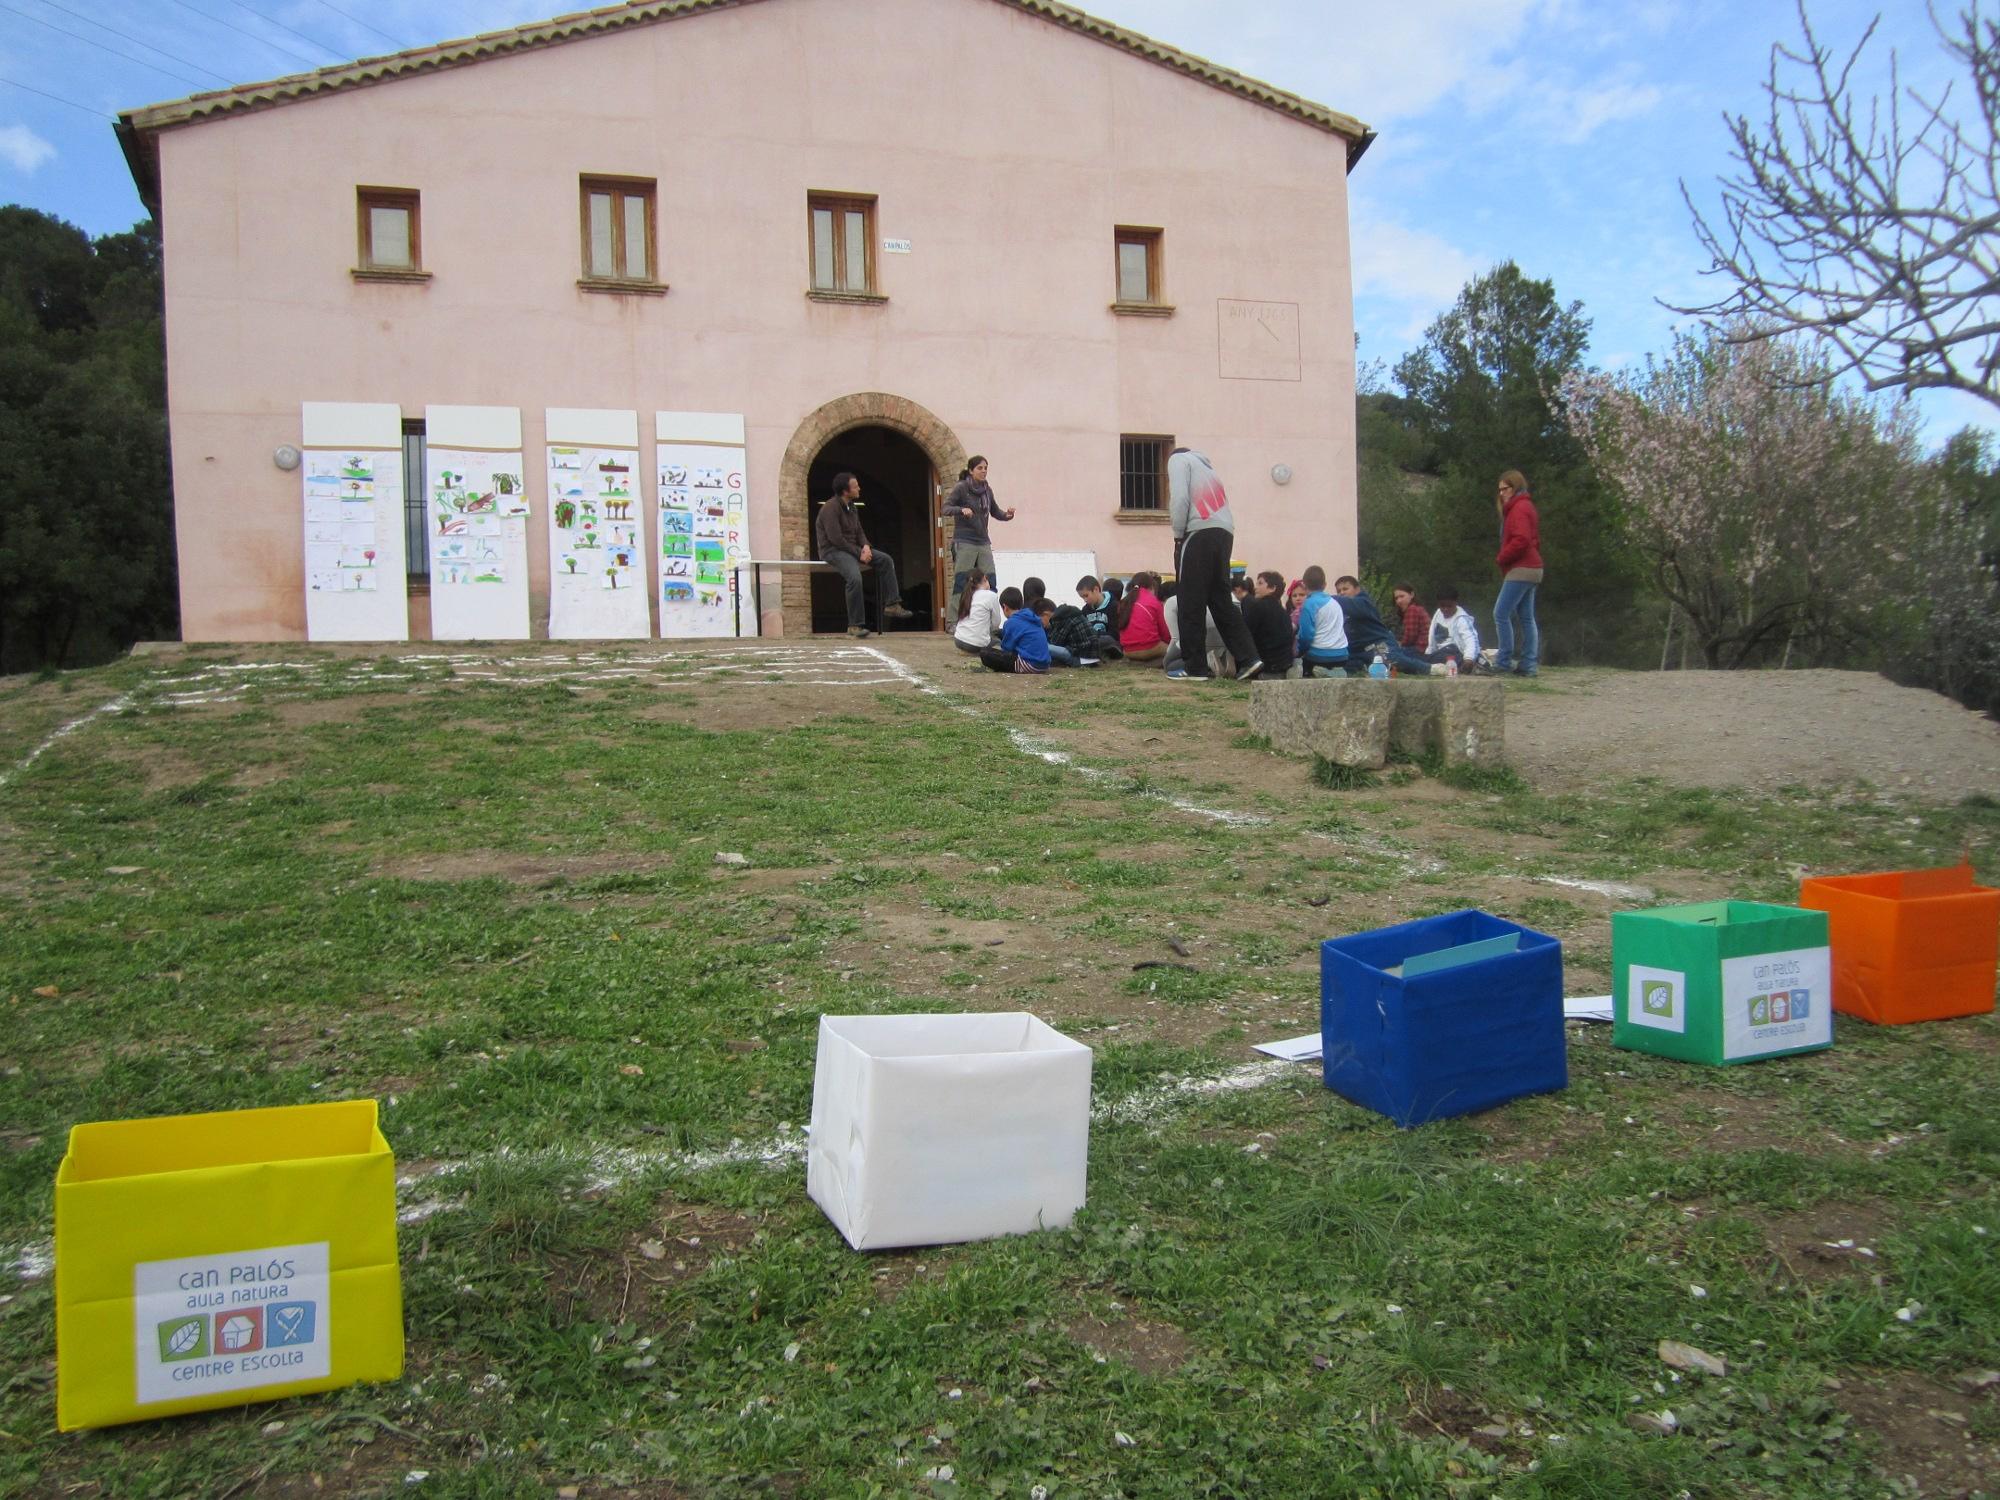 Imatge d'activitat escolar a Can Palós